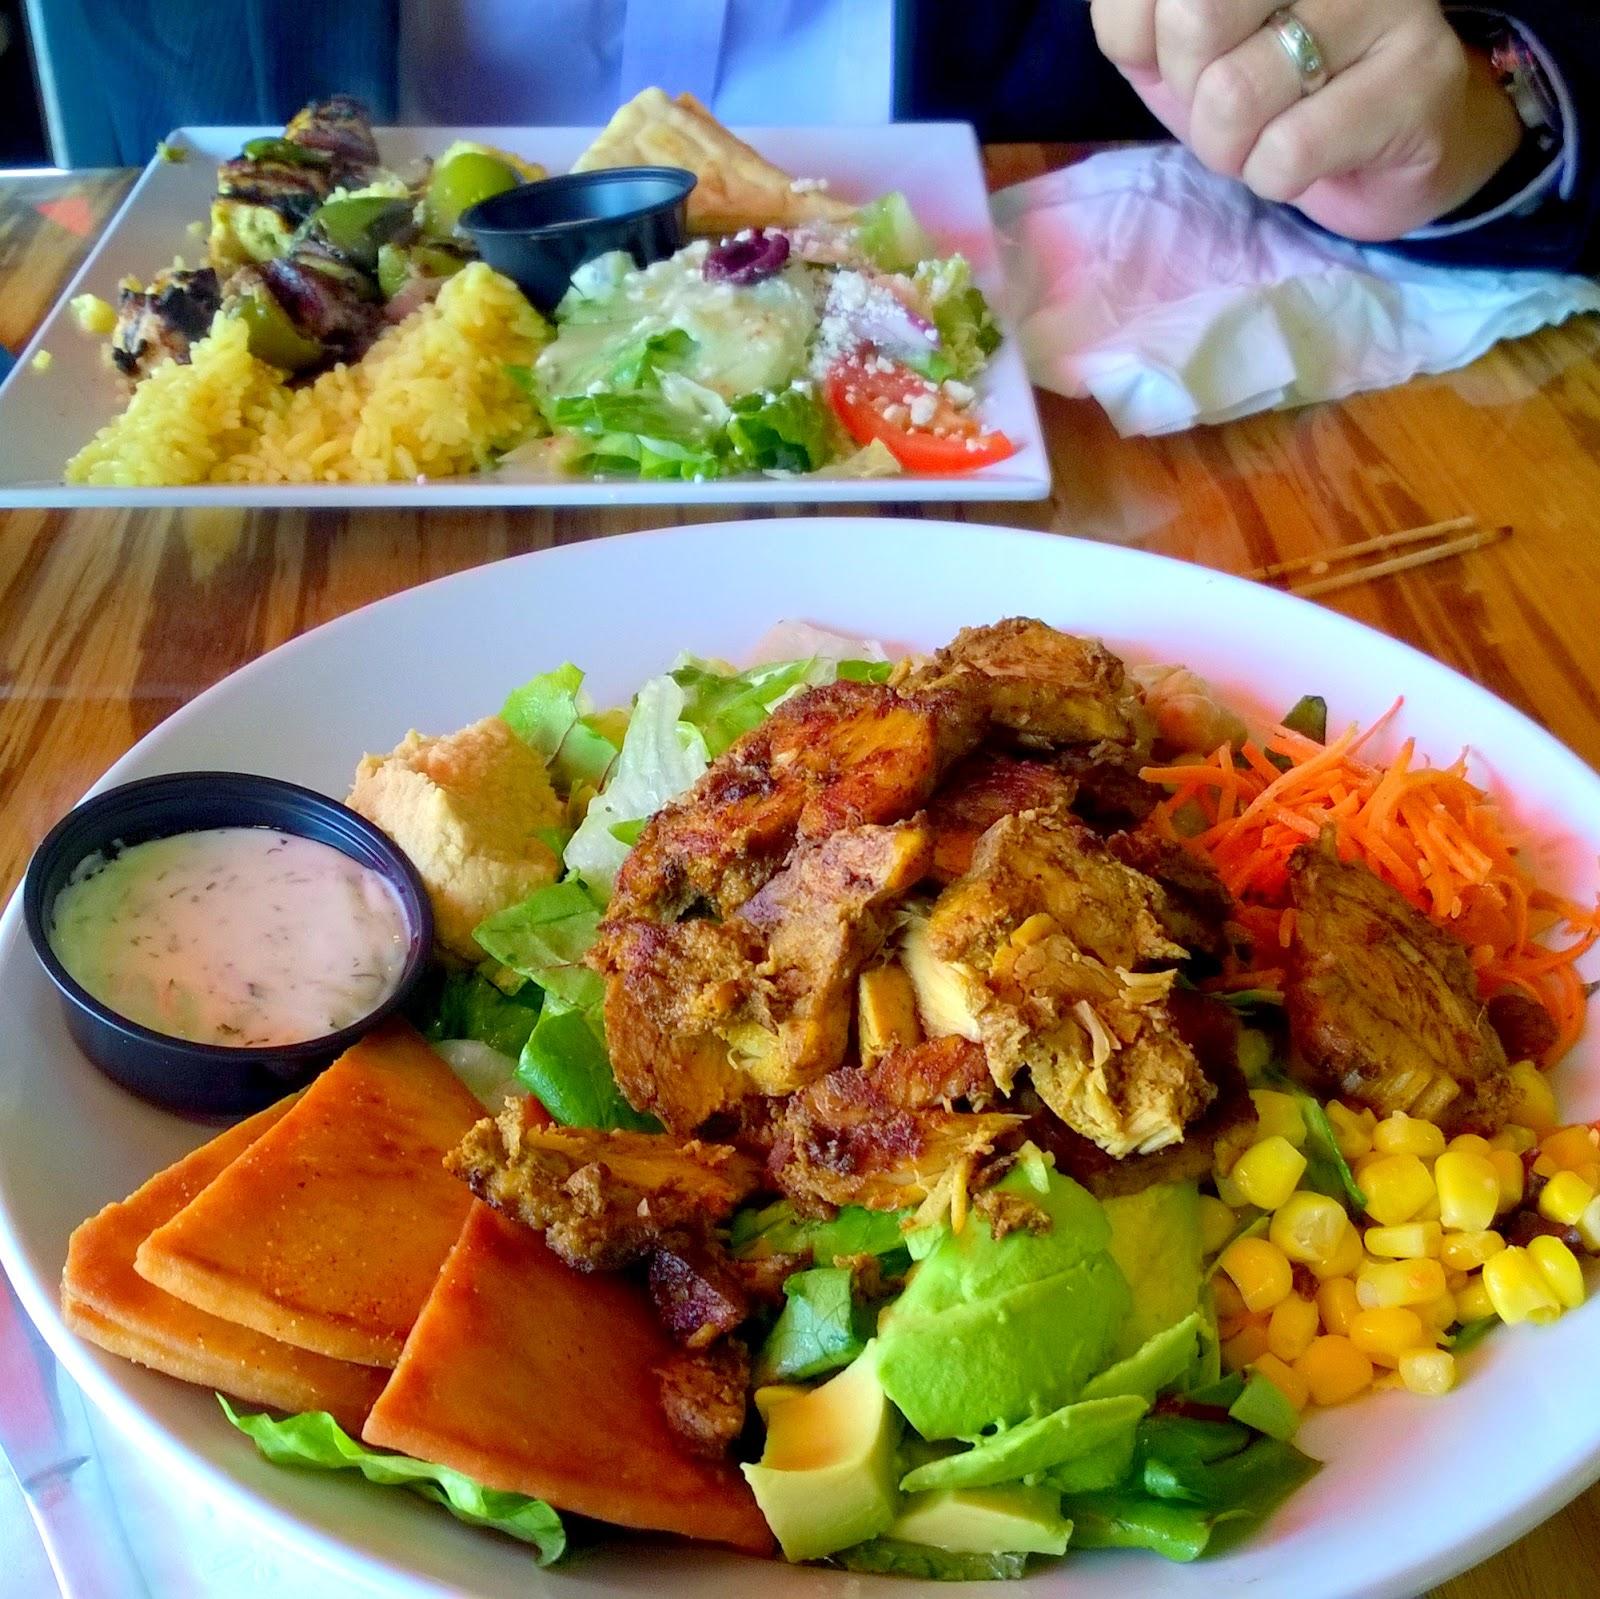 Daphnes chicken shawarma sandwich